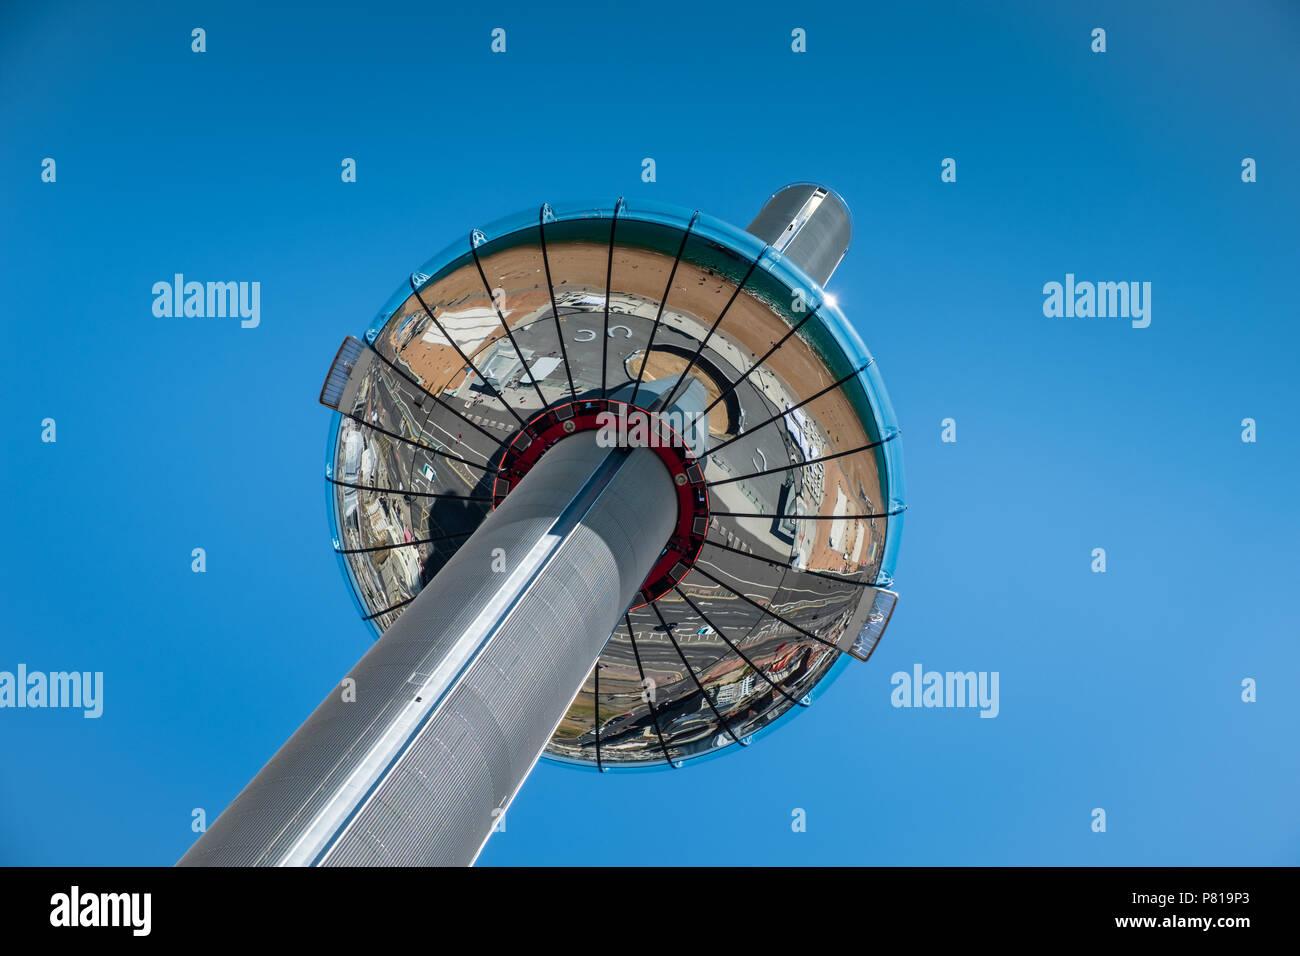 British Airways ich 360 Aussichtsturm an einem sonnigen Tag mit einem klaren blauen Himmel Hintergrund mit Kopie Raum Stockbild